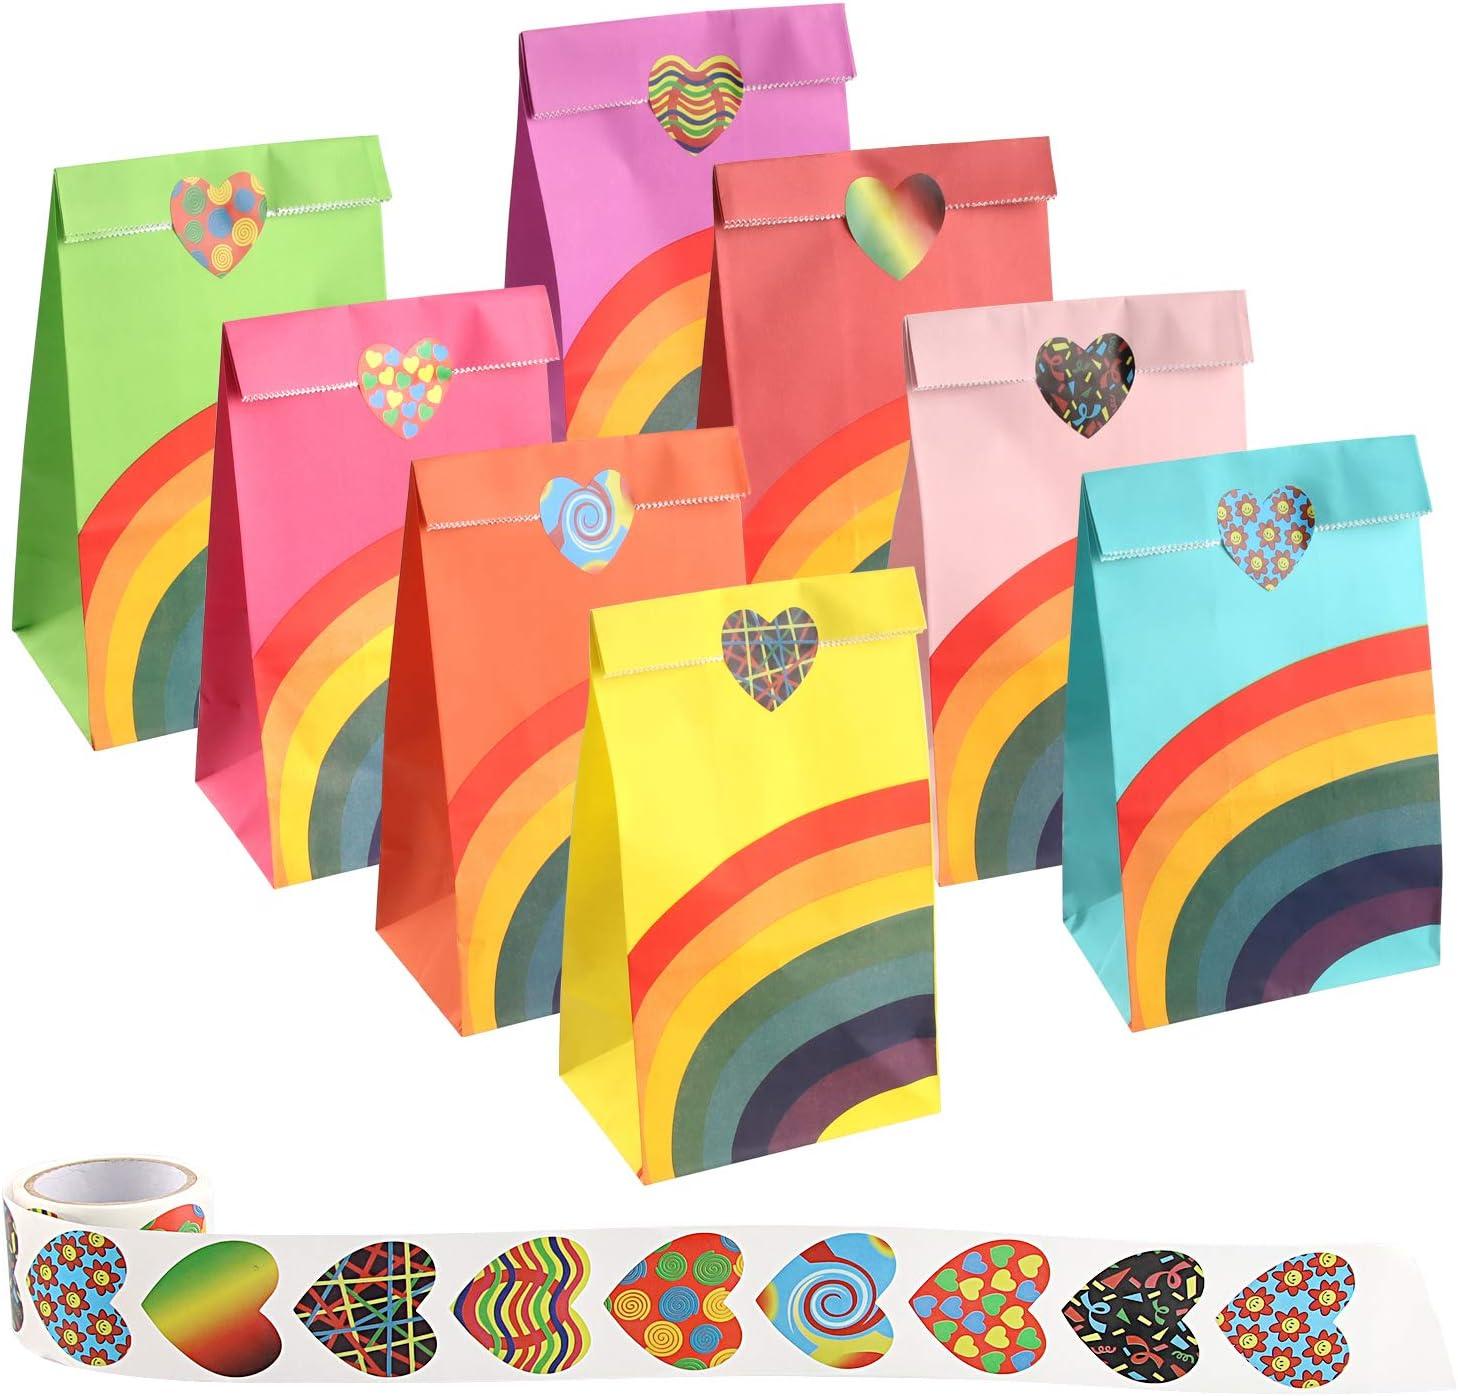 60 Pezzi Colorati Sacchetto di Carta Confetti Borse Arcobaleno Festa con Adesivi Sacchetti Bustine di Carta per bomboniere Bambini Feste Matrimonio Compleanno Mitening Sacchetti Regalo di Carta